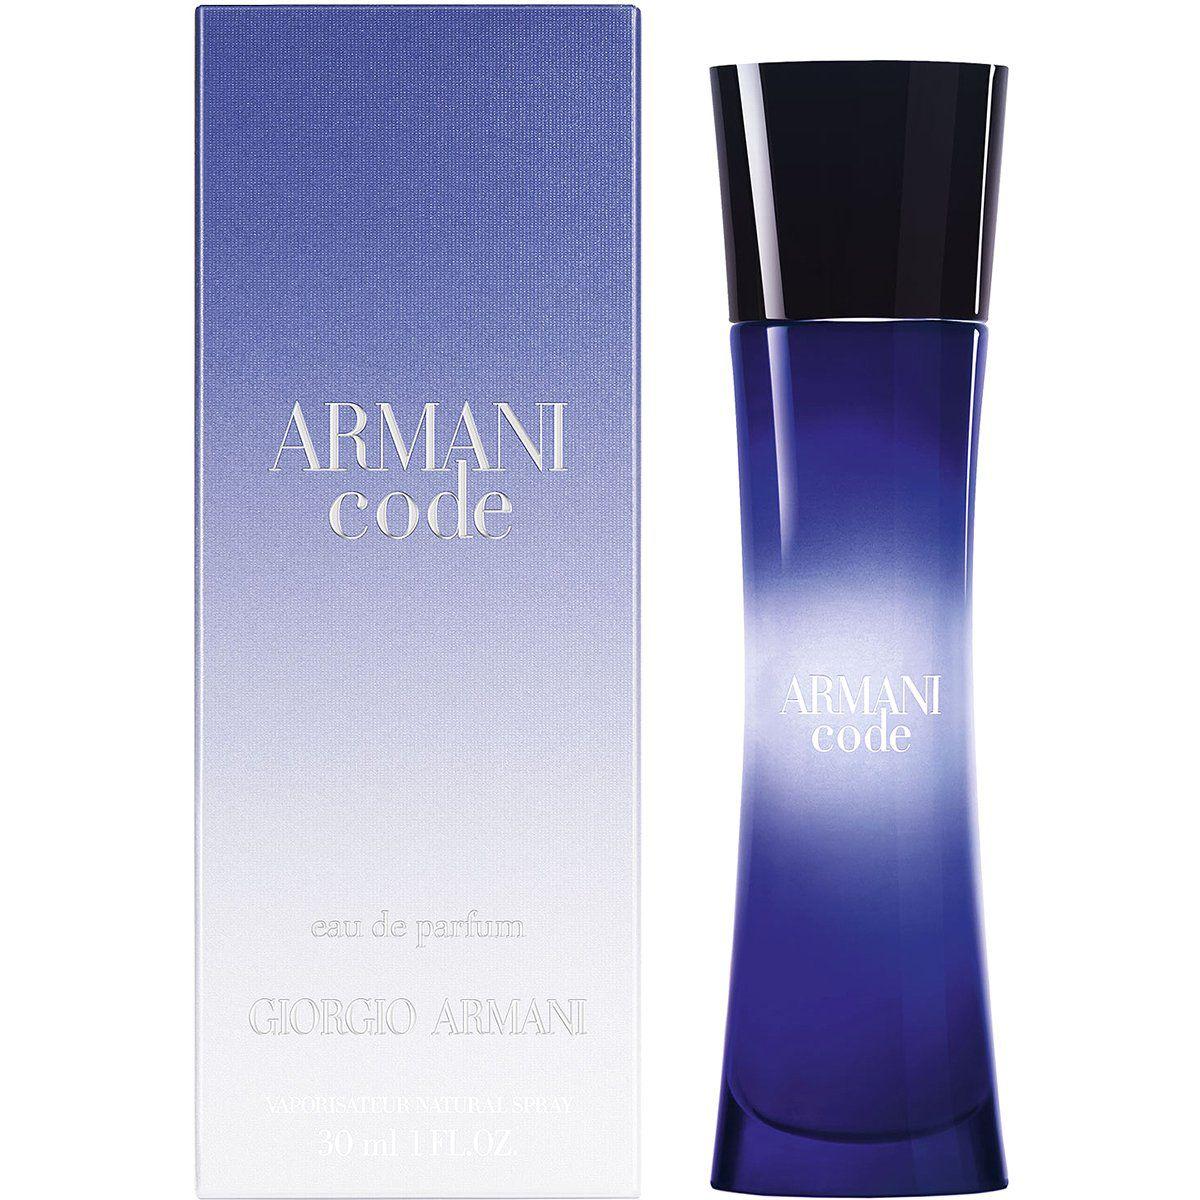 Perfume Armani Code Giorgio Armani 30ml Eau de Parfum